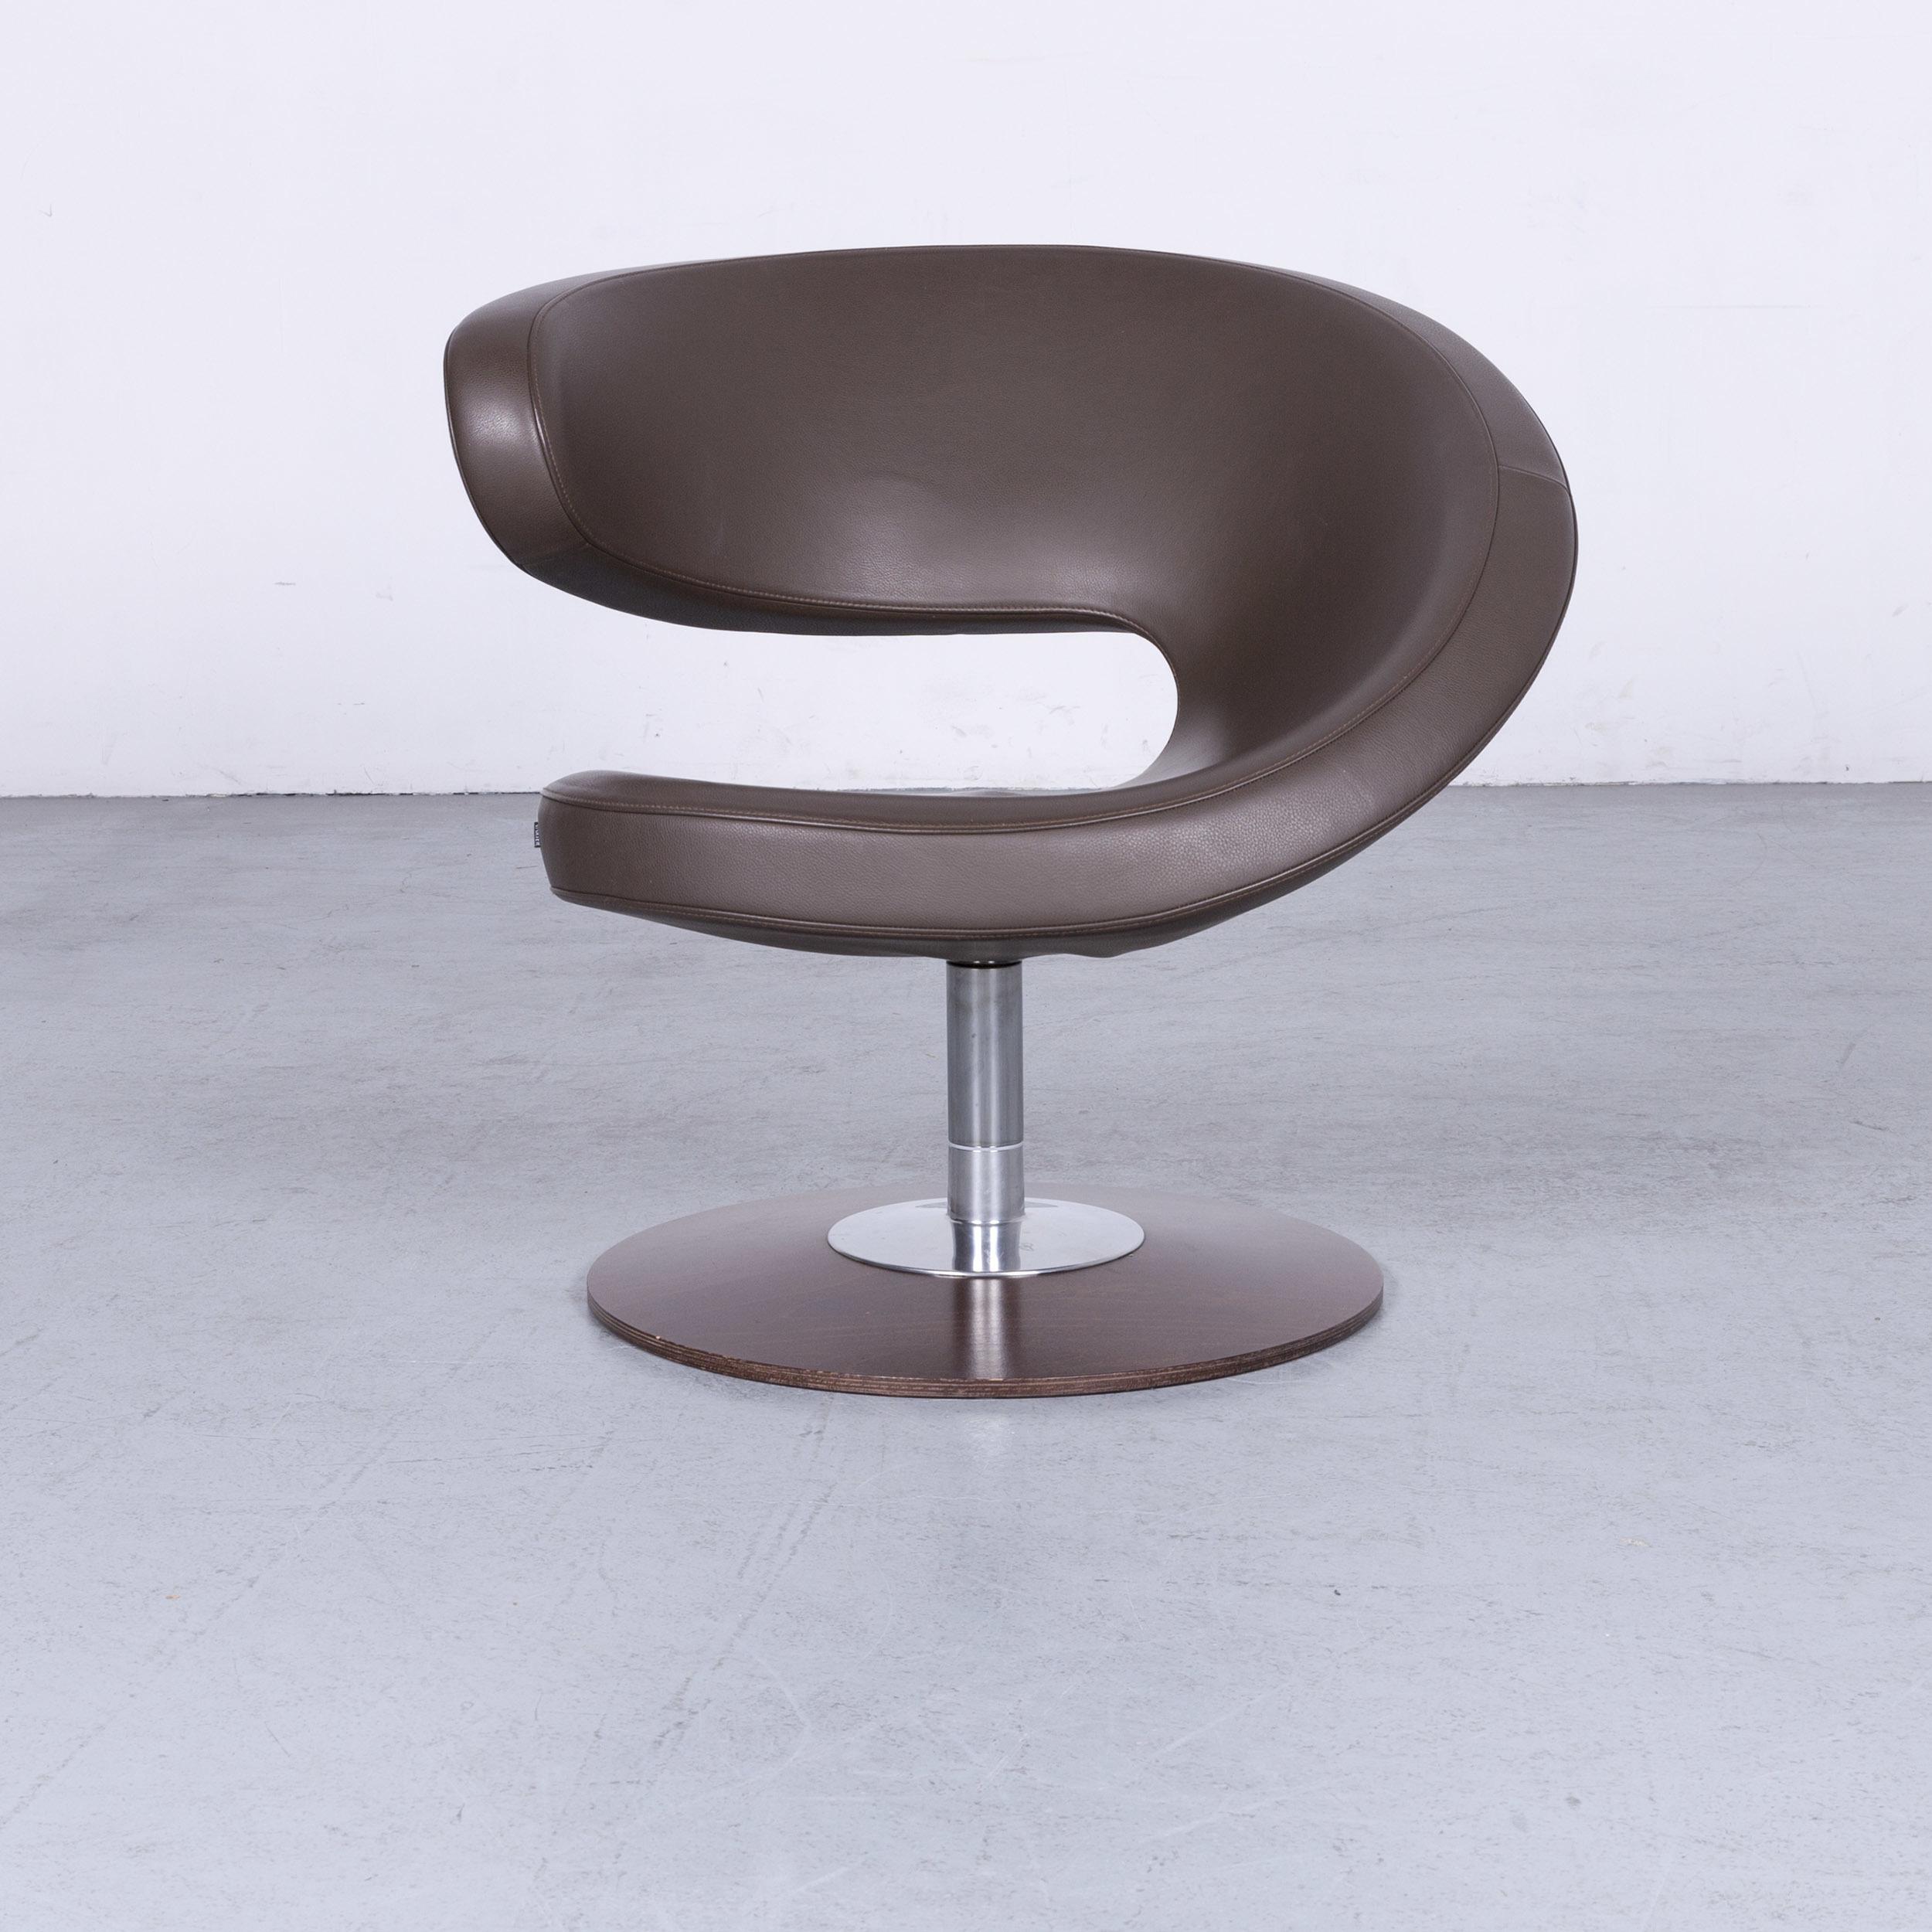 Poltrona Varier Peel.Varier Peel Designer Leather Armchair Set Brown Club Armchair Genuine Leather Chair 6684